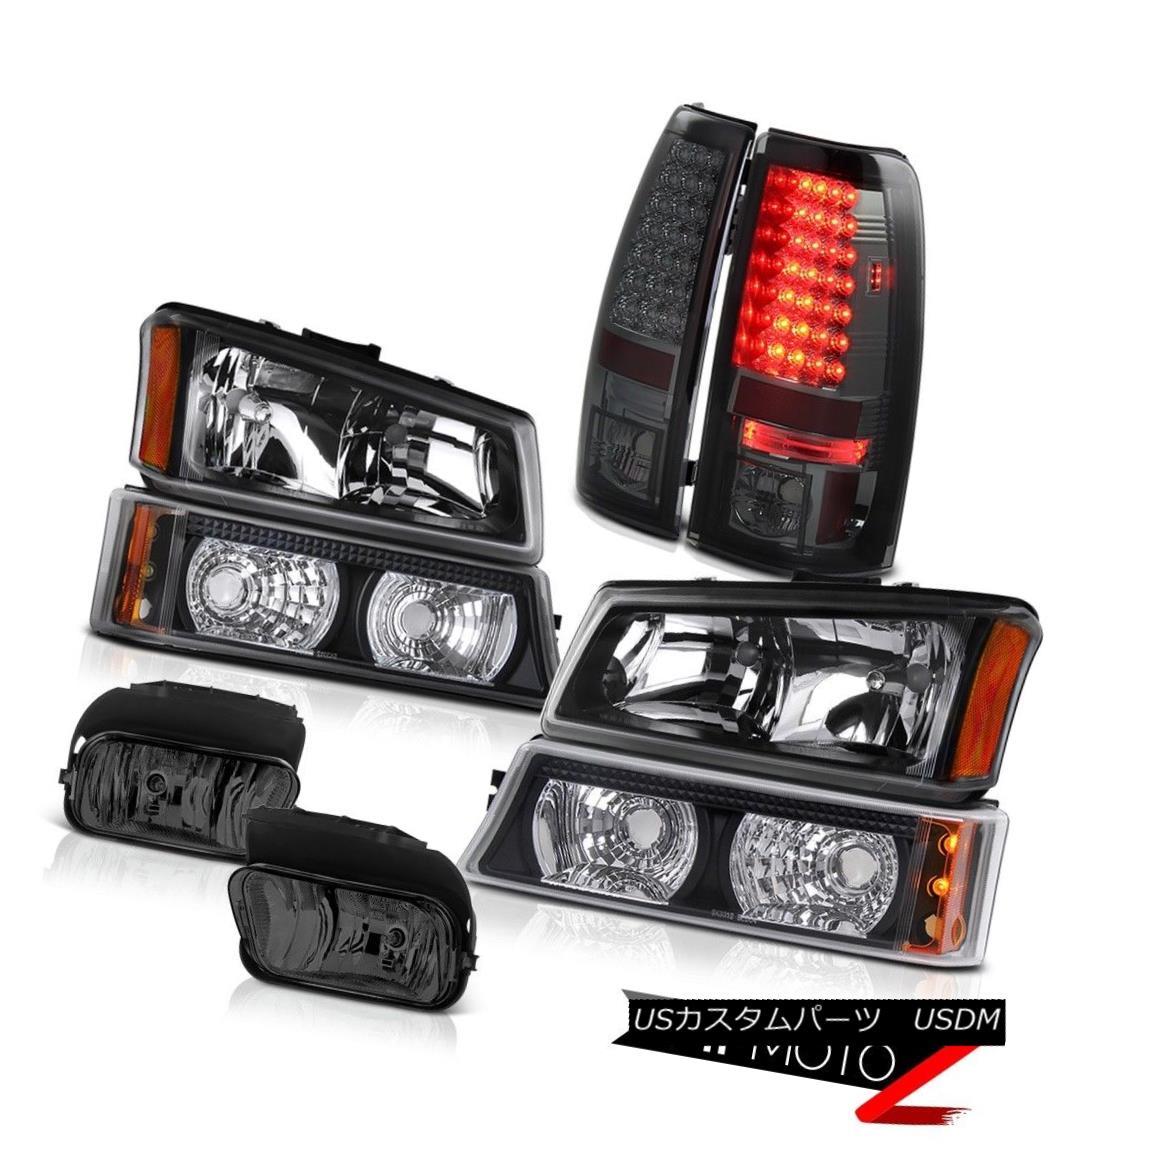 テールライト 2003-2006 Silverado Black Headlights Parking Signal Bumper Tail Lights Foglights 2003-2006 Silverado Blackヘッドライトパーキング信号バンパーテールライトFoglights